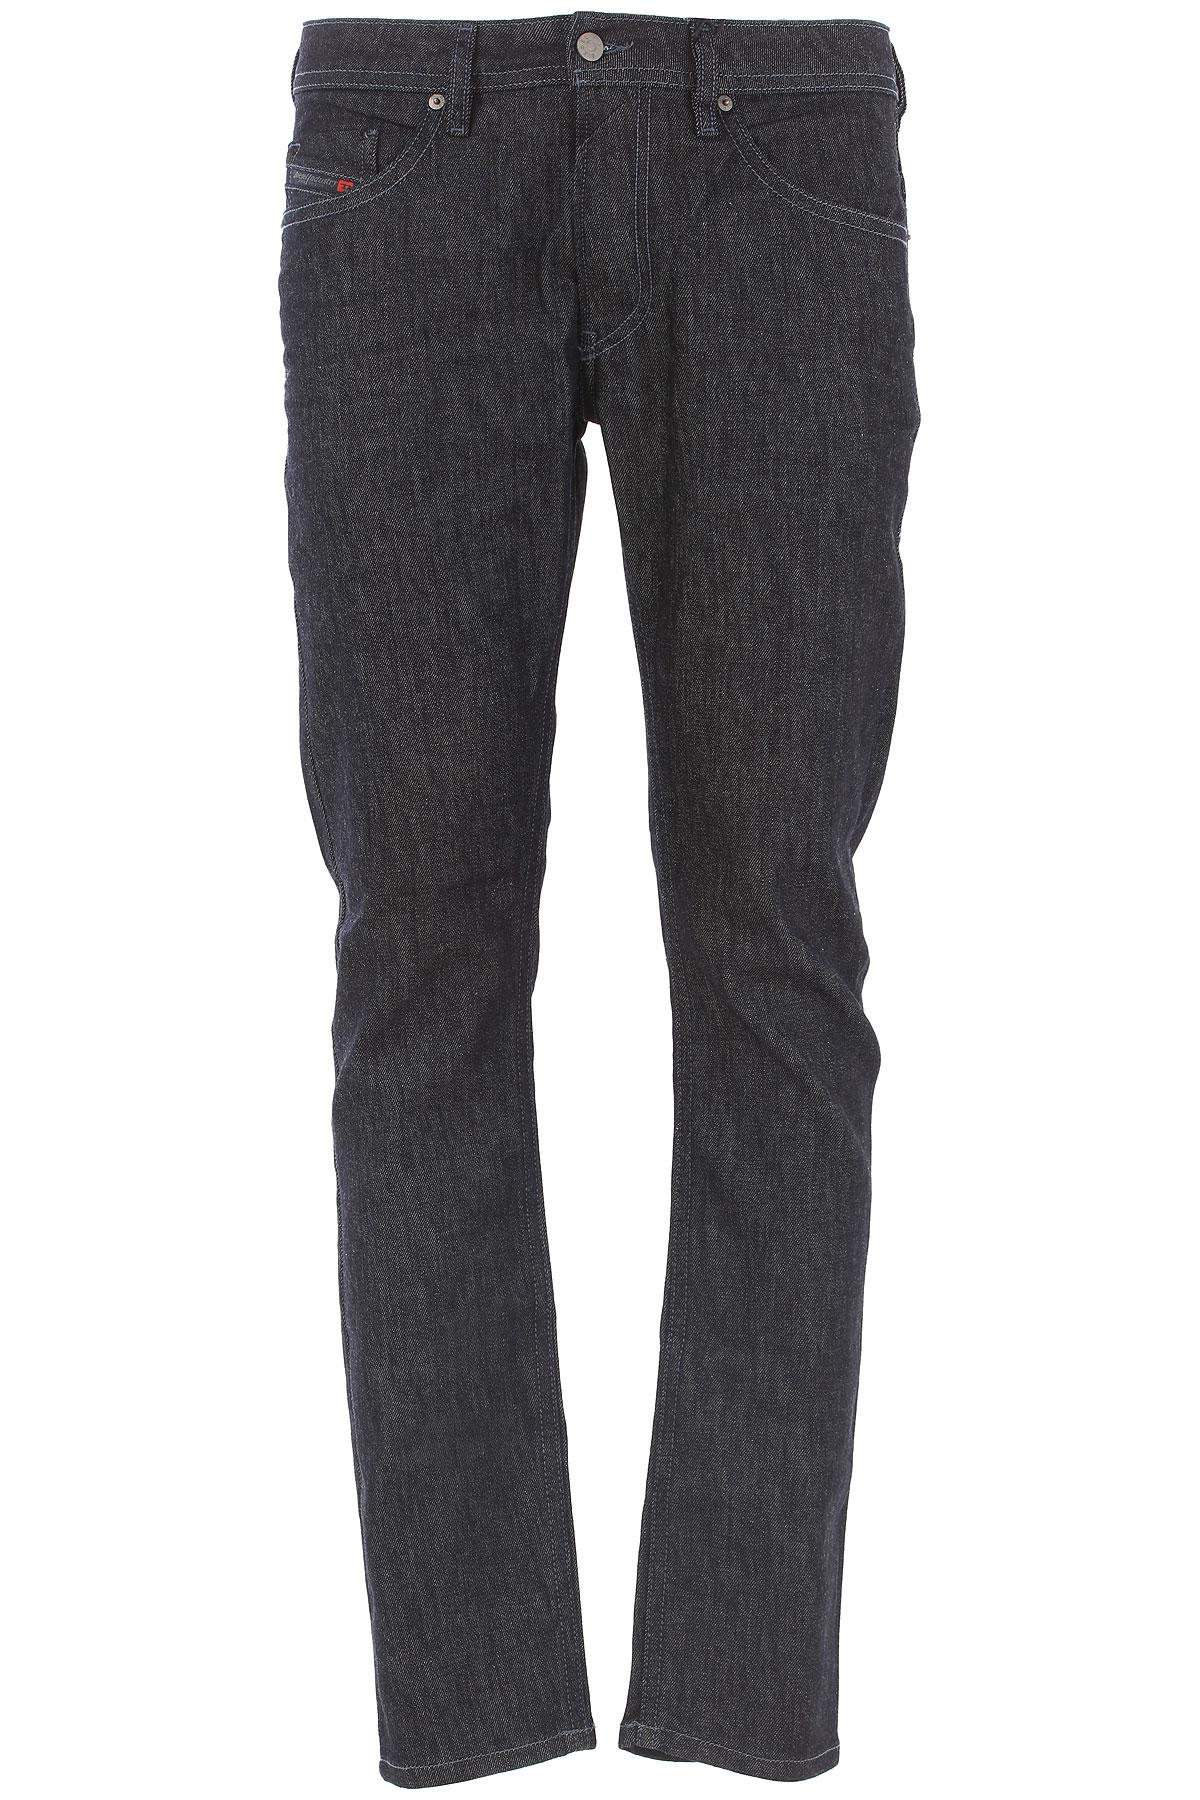 Diesel Jeans On Sale in Outlet, Thommer, Dark Blue Denim, Cotton, 2017, 30 31 33 34 USA-410075